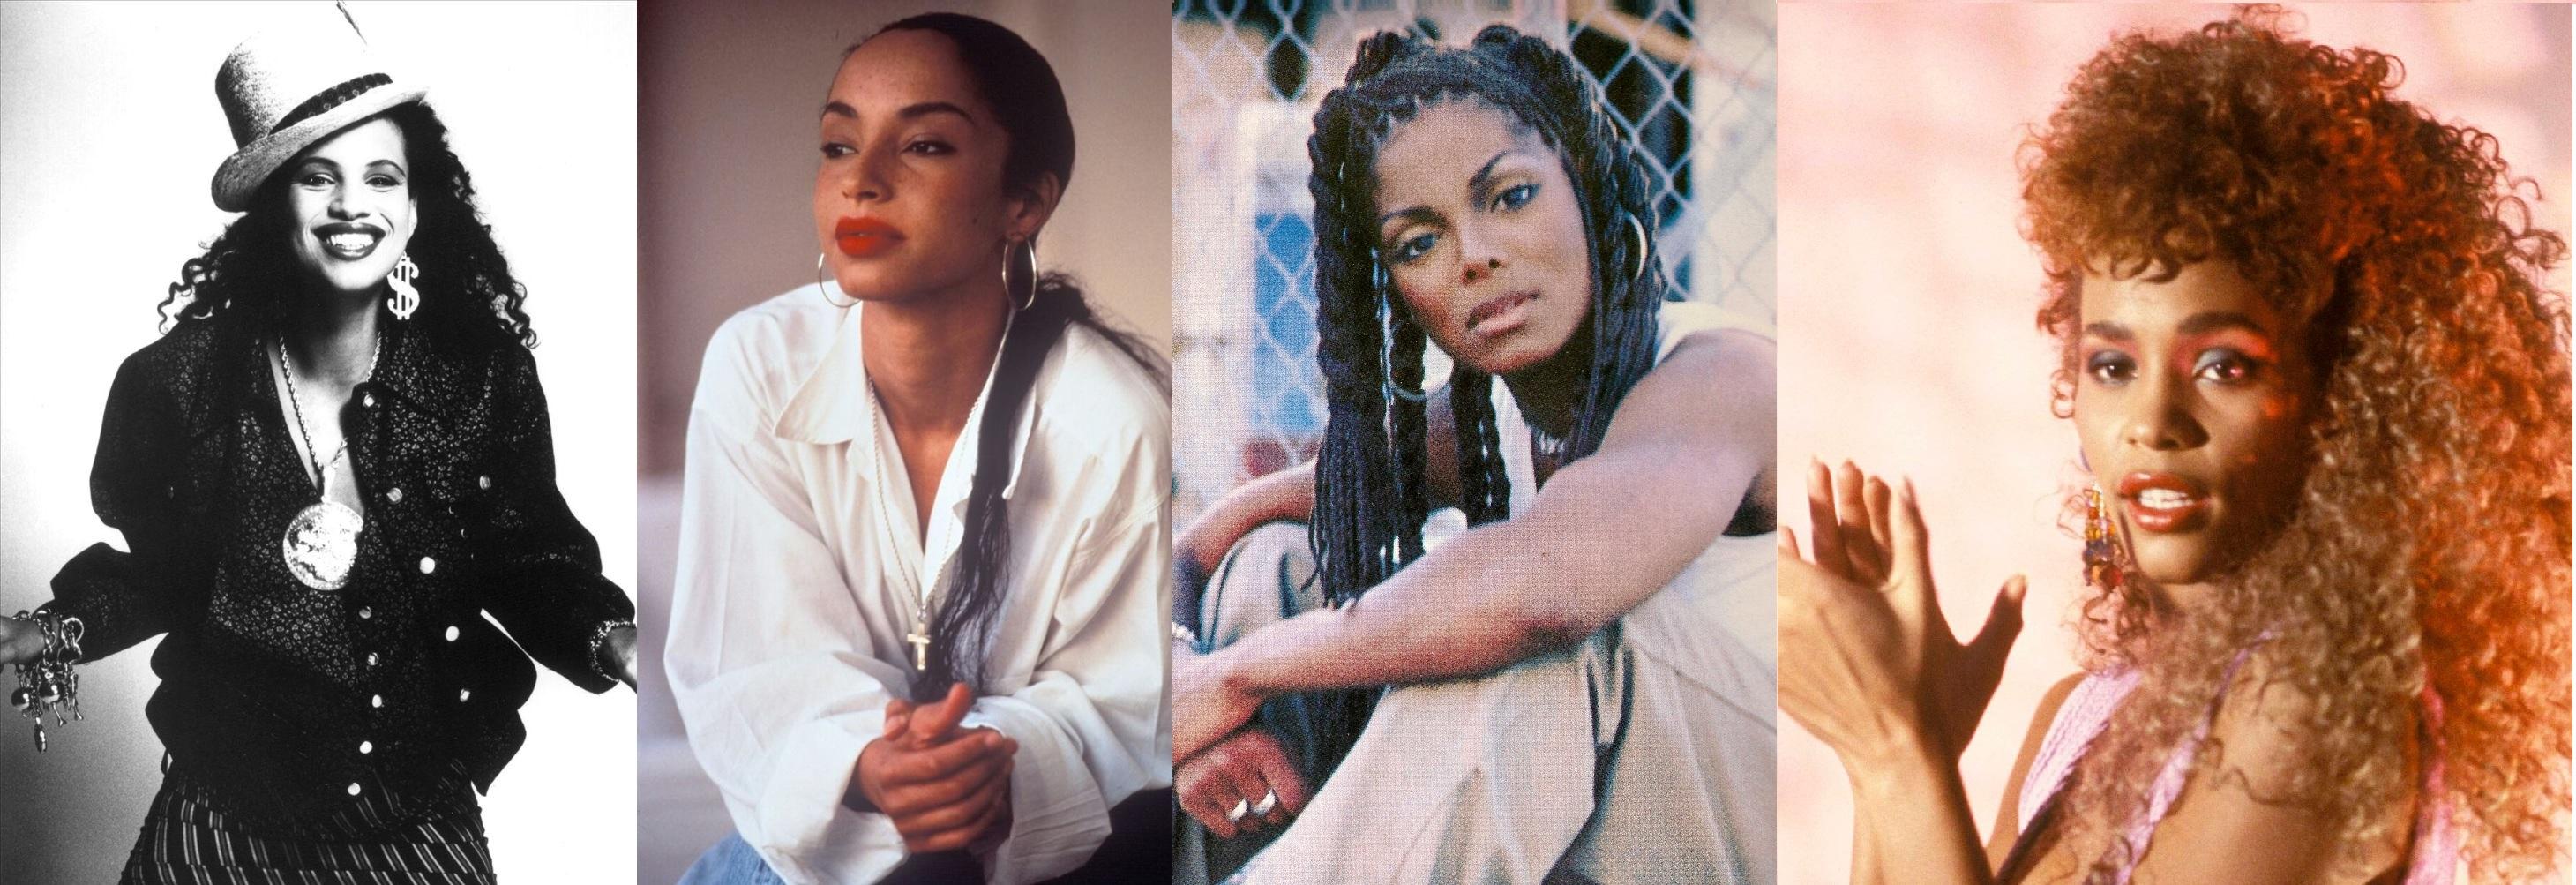 Οι μαύρες γαζέλες της μουσικής των 80s ‑ 90s